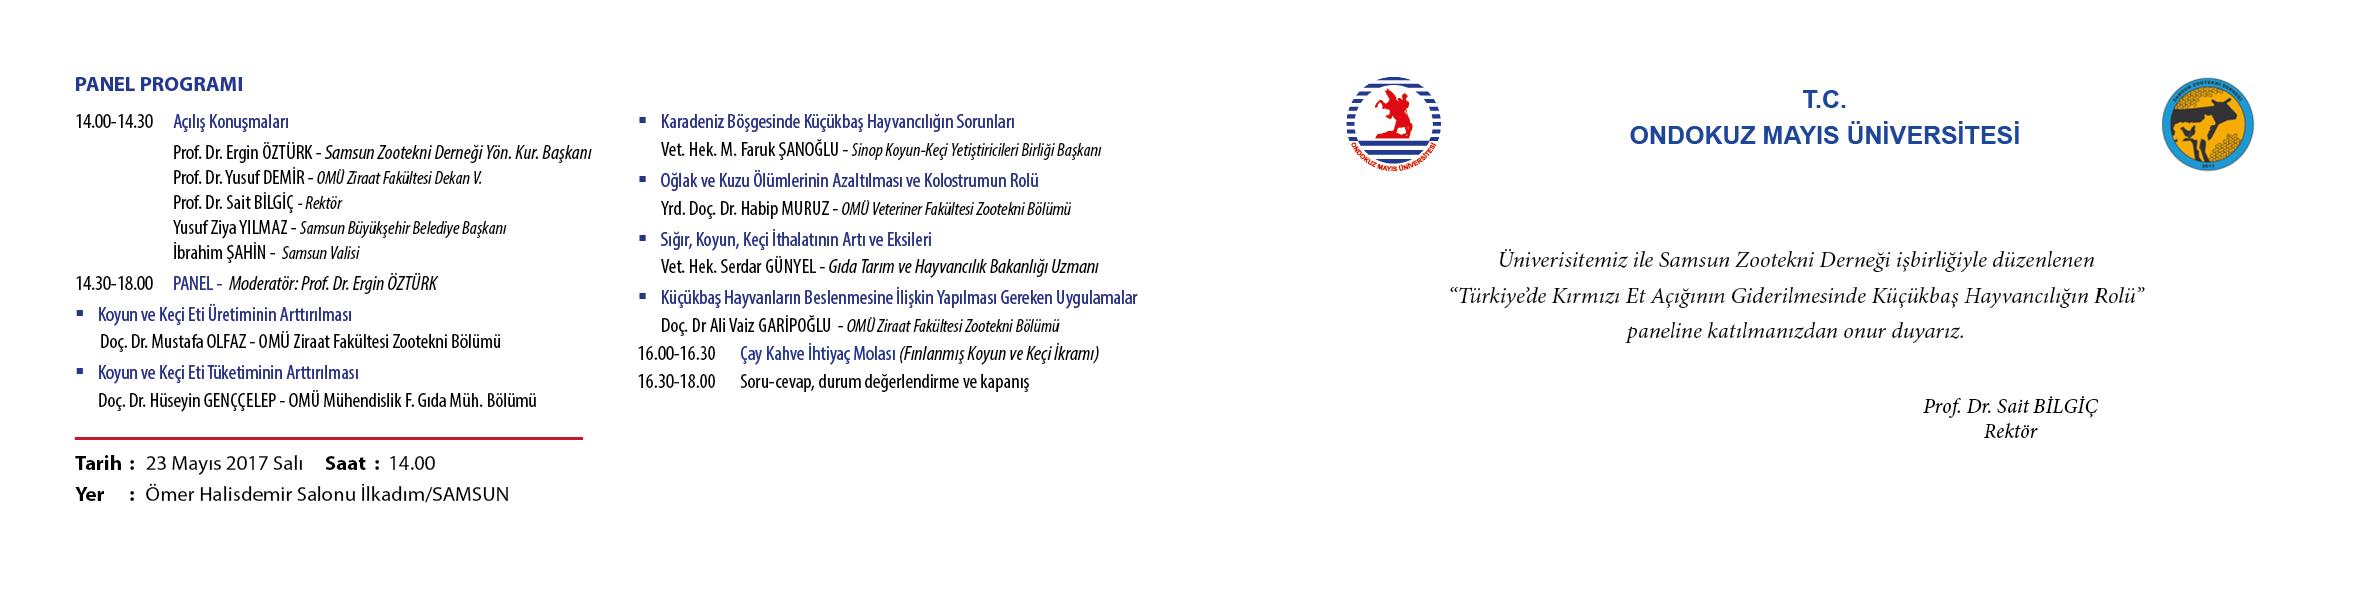 http://www.omu.edu.tr/sites/default/files/files/panel_turkiye039de_kirmizi_et_aciginin_giderilmesinde_kucukbas_hayvanciligin_rolu/zootekni_panel.jpg